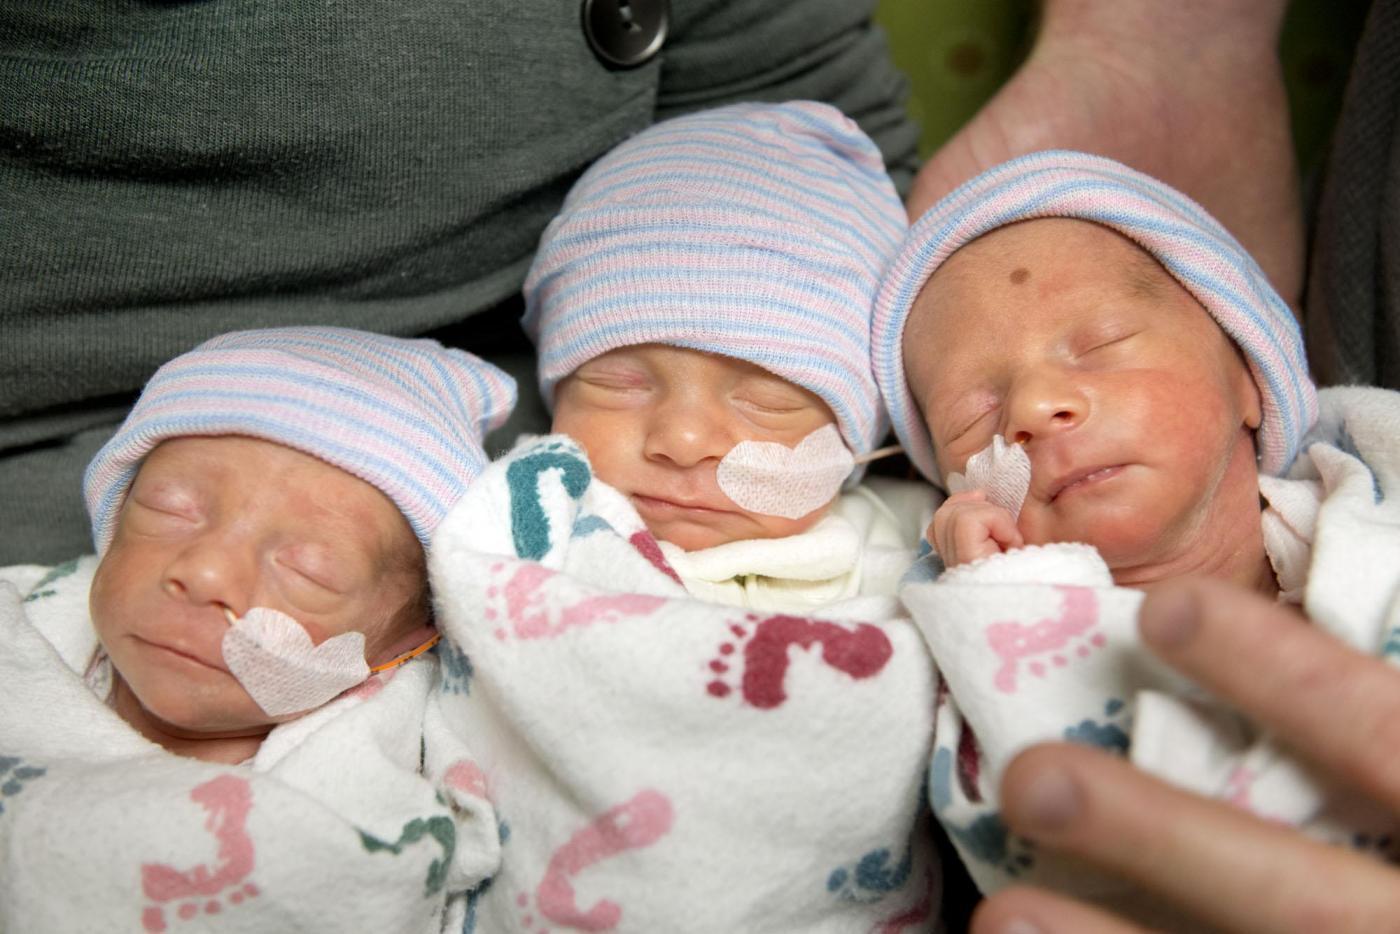 Tre gemelle uguali nascono in California02